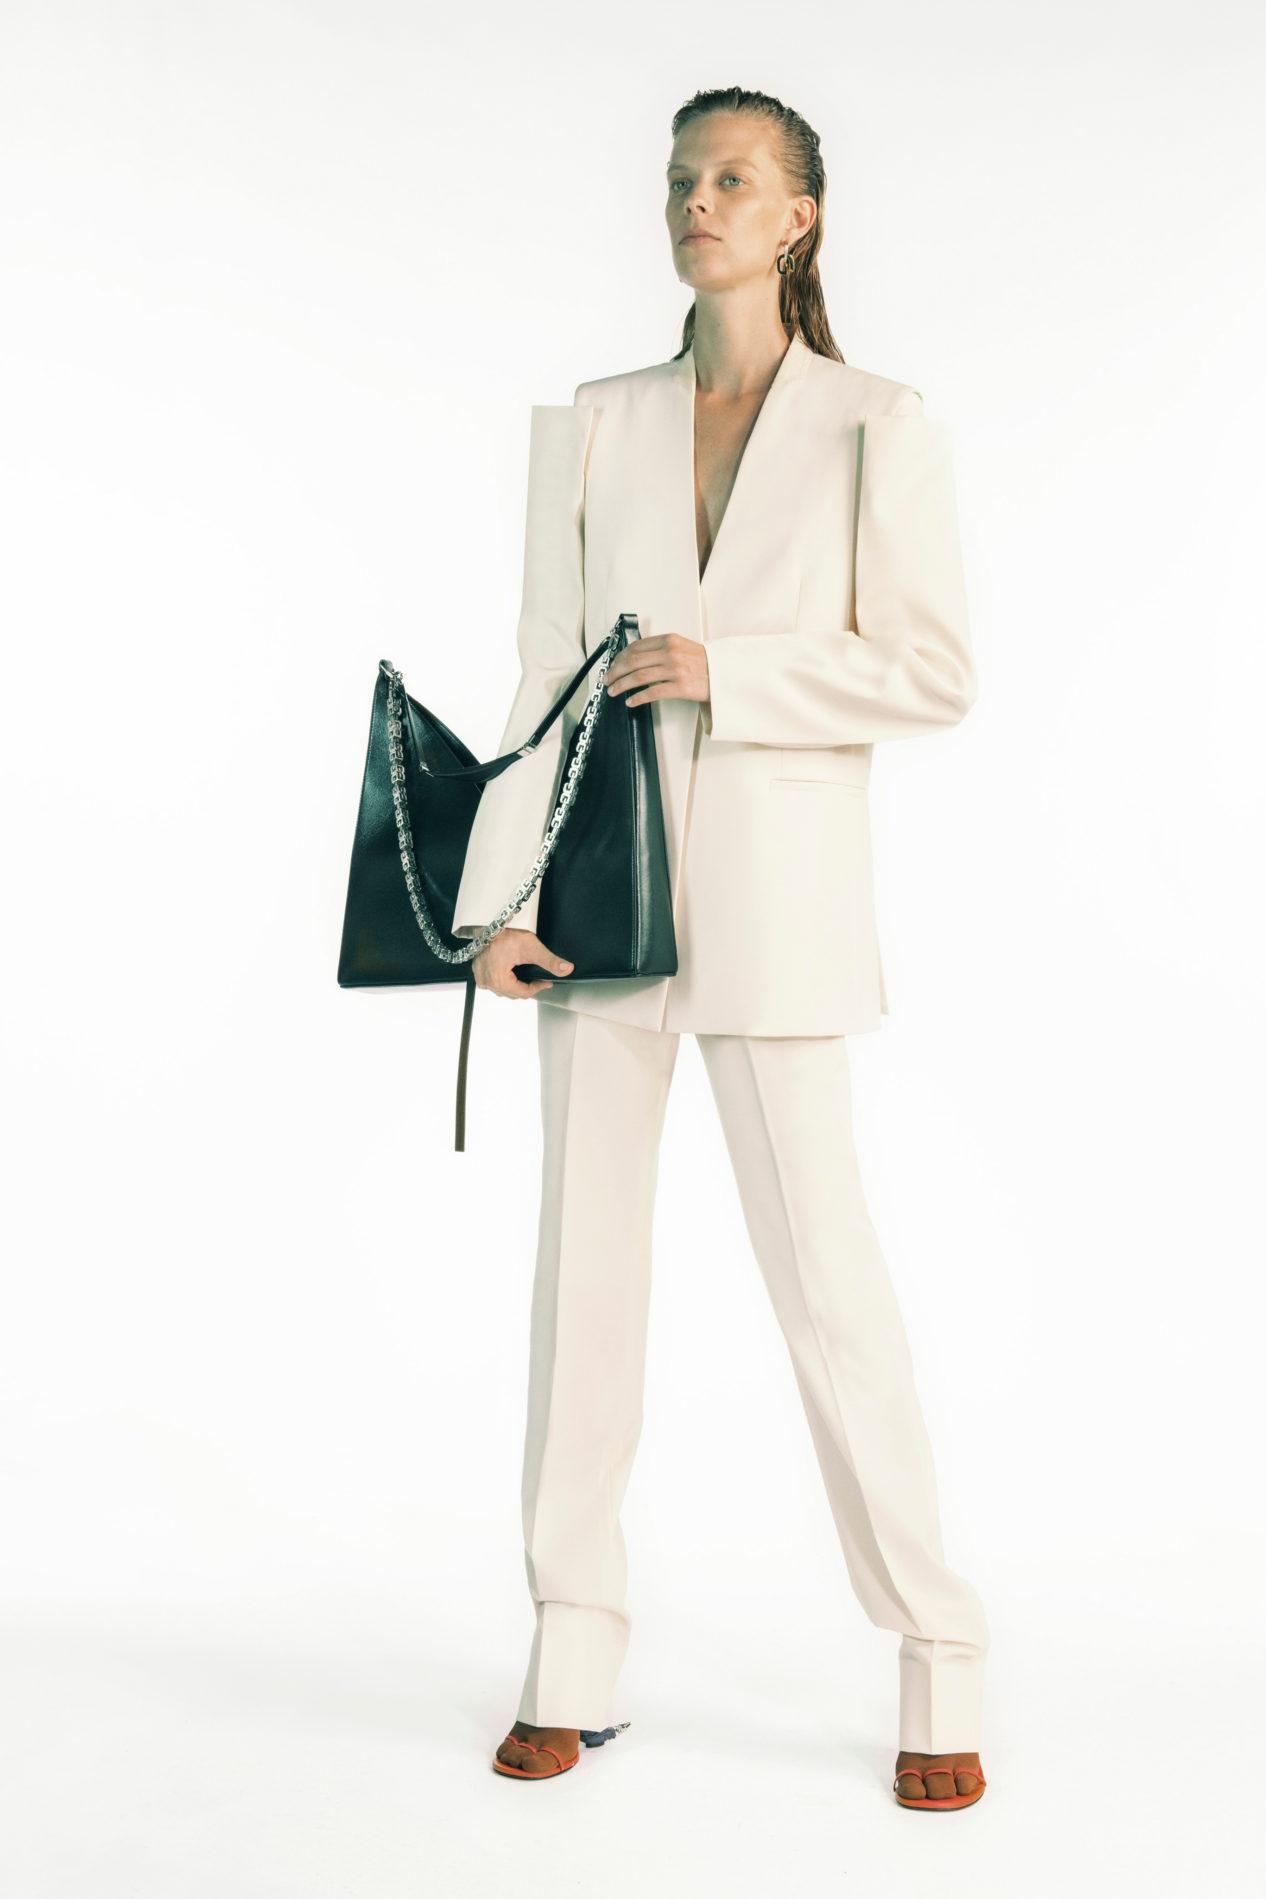 Дебют Мэтью Уильямса и пример безупречного стиля. Почему все обсуждают новую коллекцию Givenchy (ФОТО) - фото №1